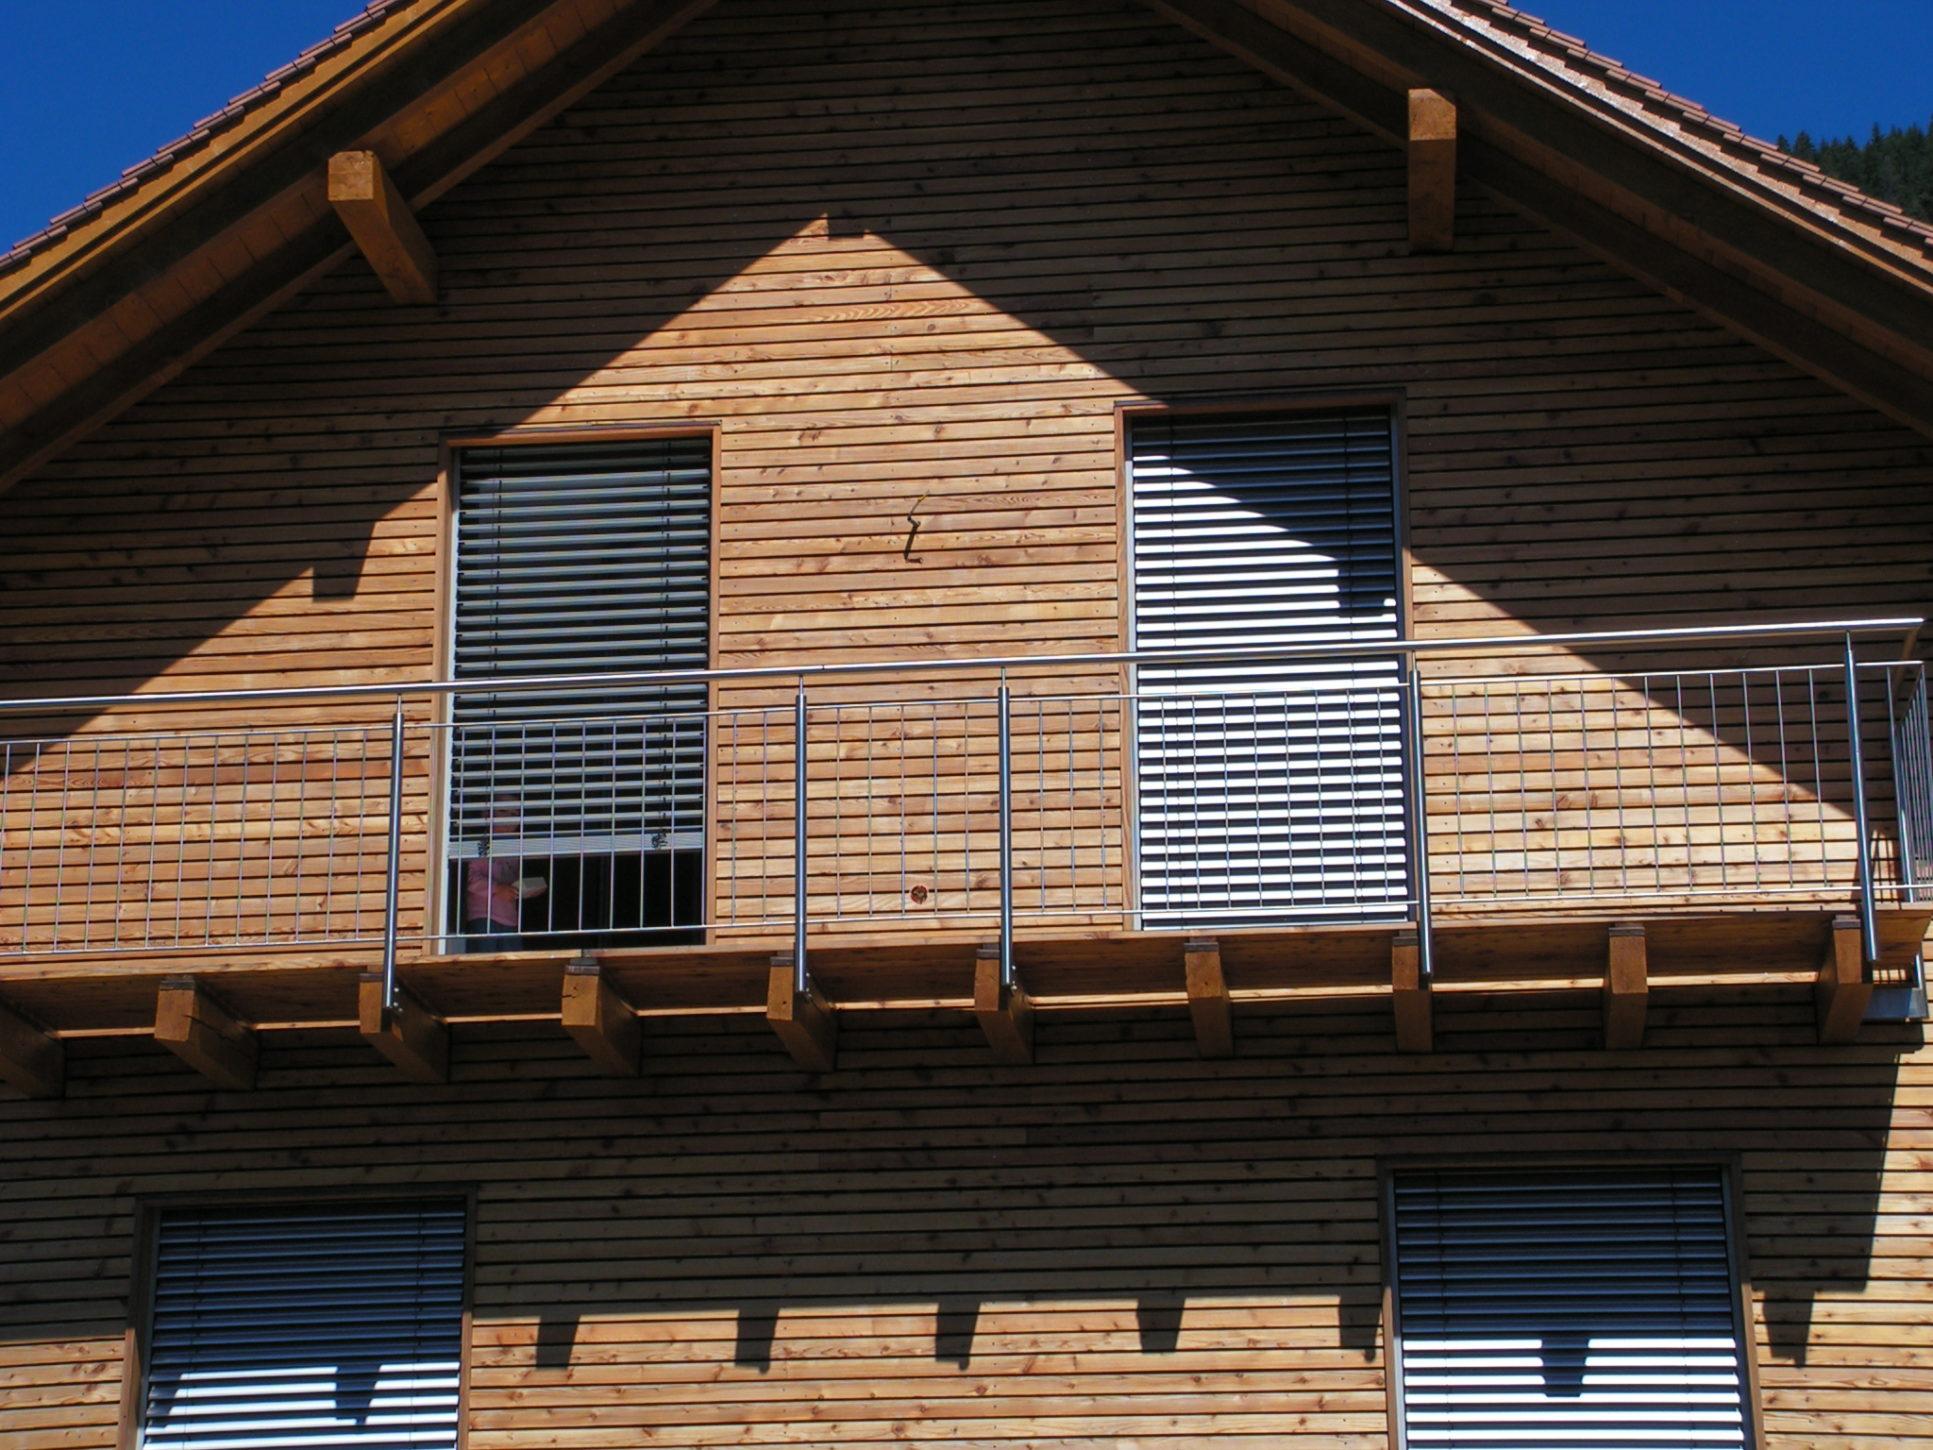 Holzfertighaus energieeffizient bauen